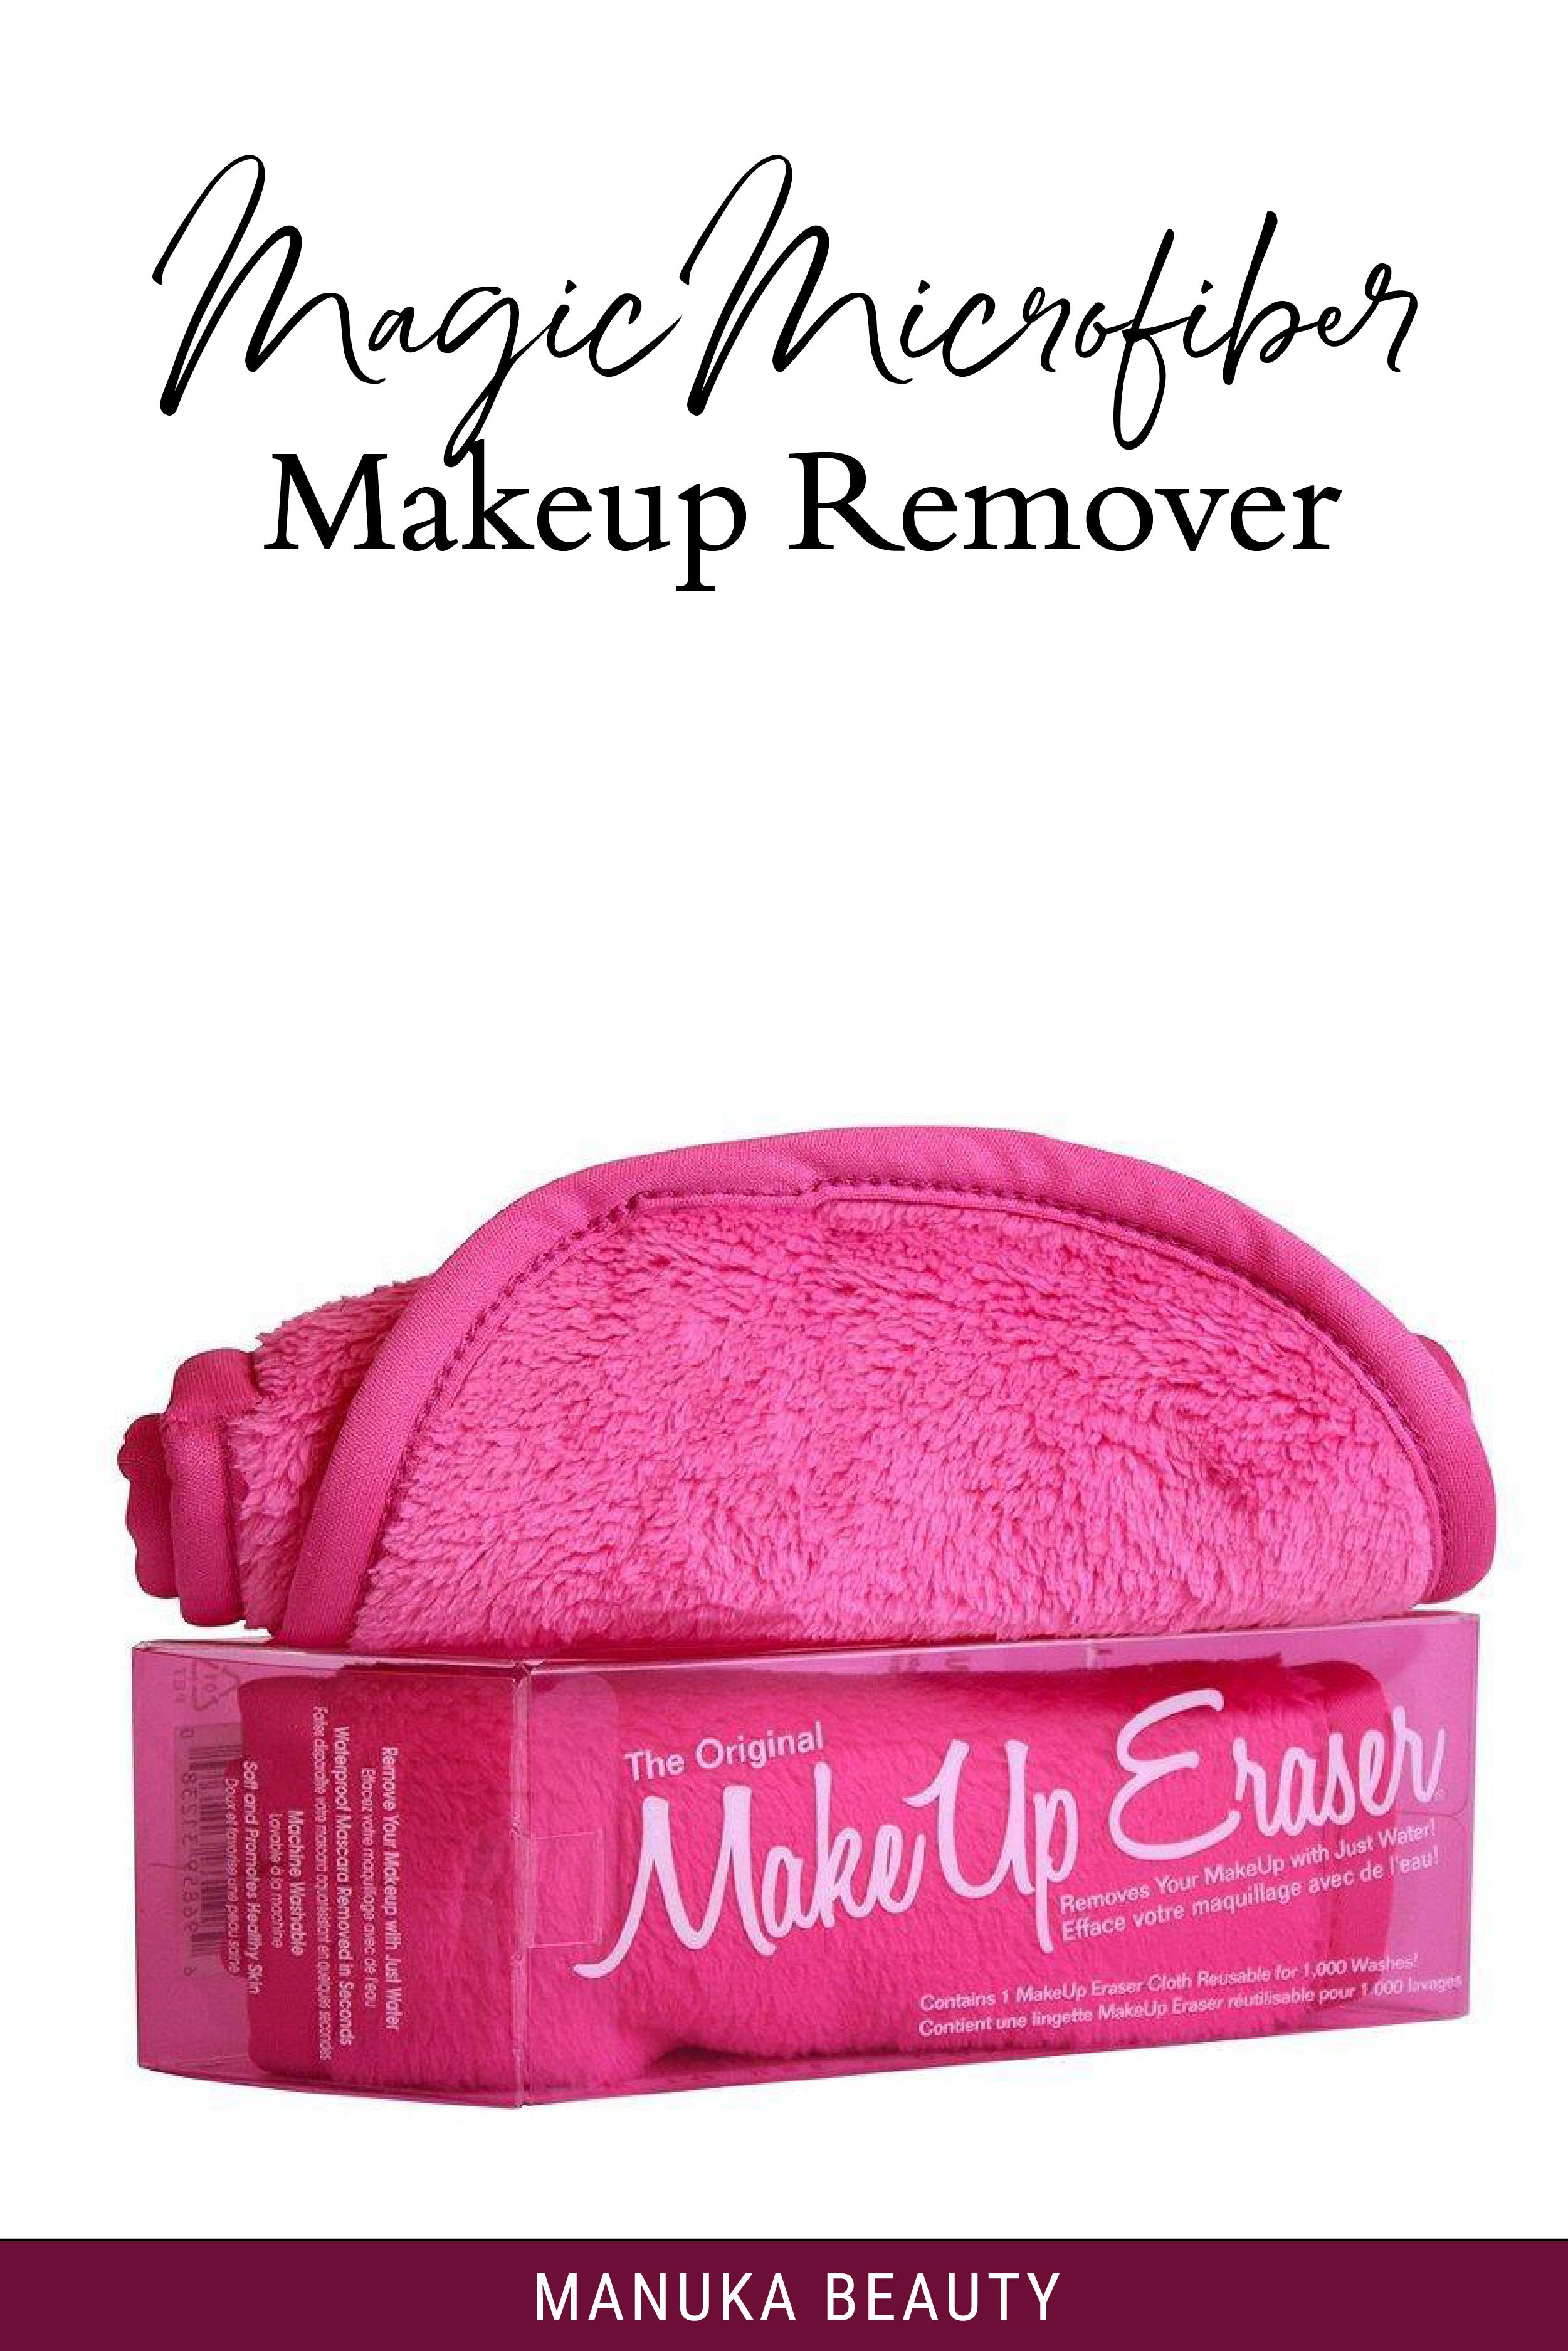 Magic Microfiber Makeup Remover Makeup remover, Makeup